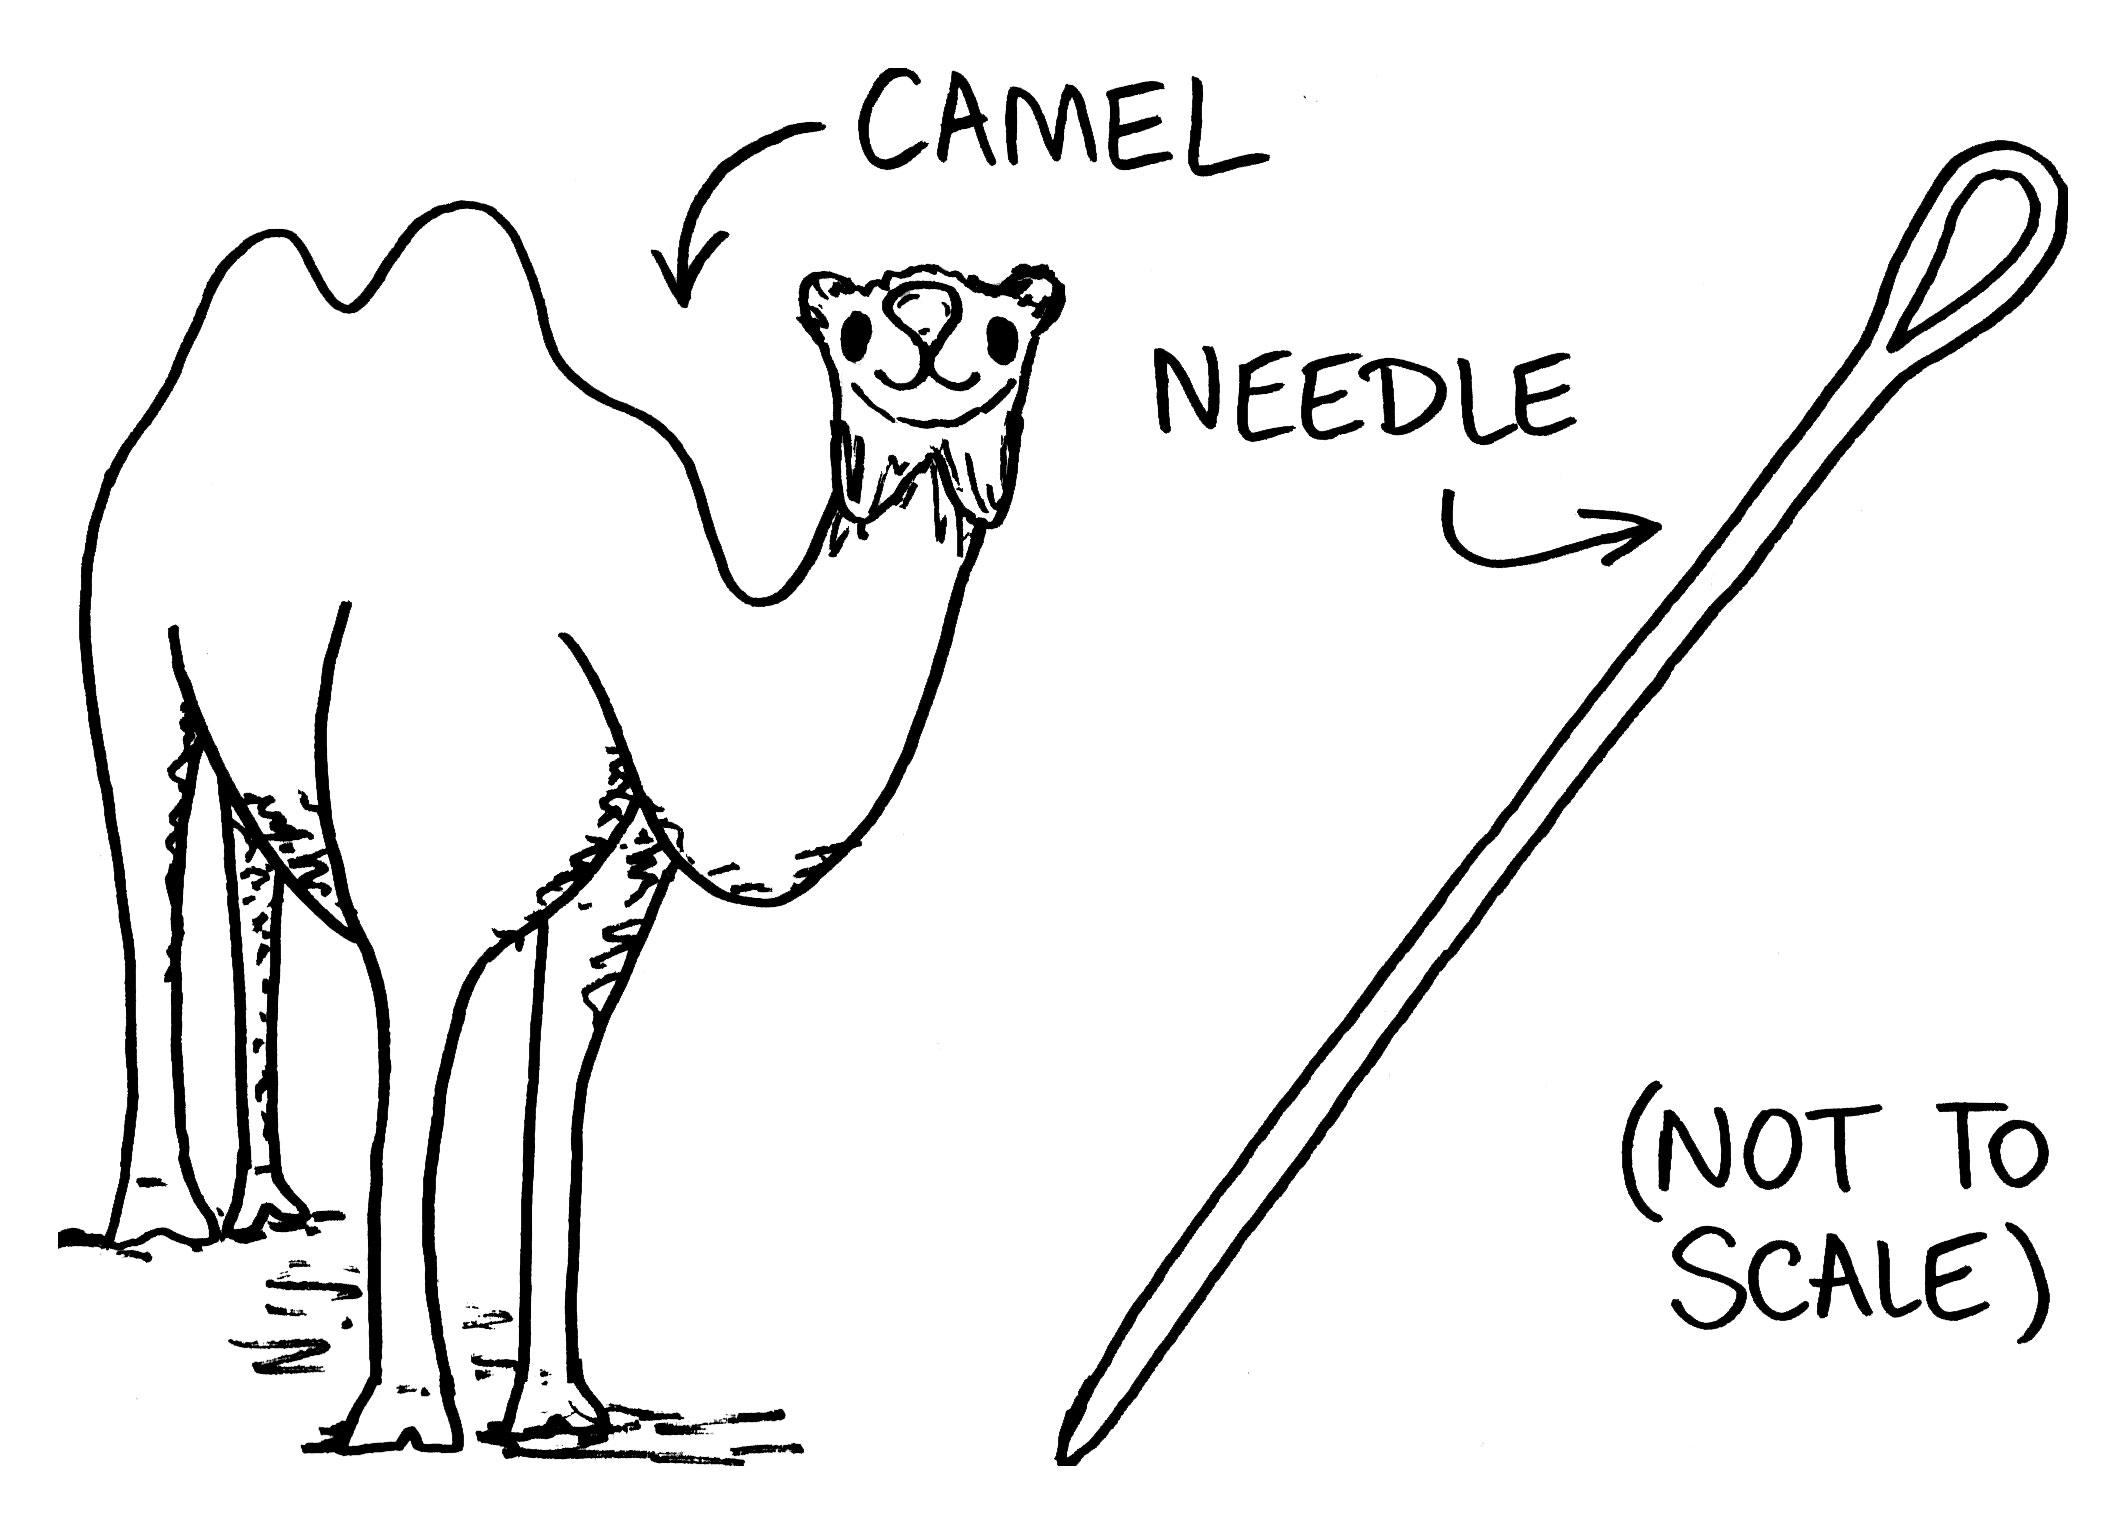 Camel through eye of needle clipart.